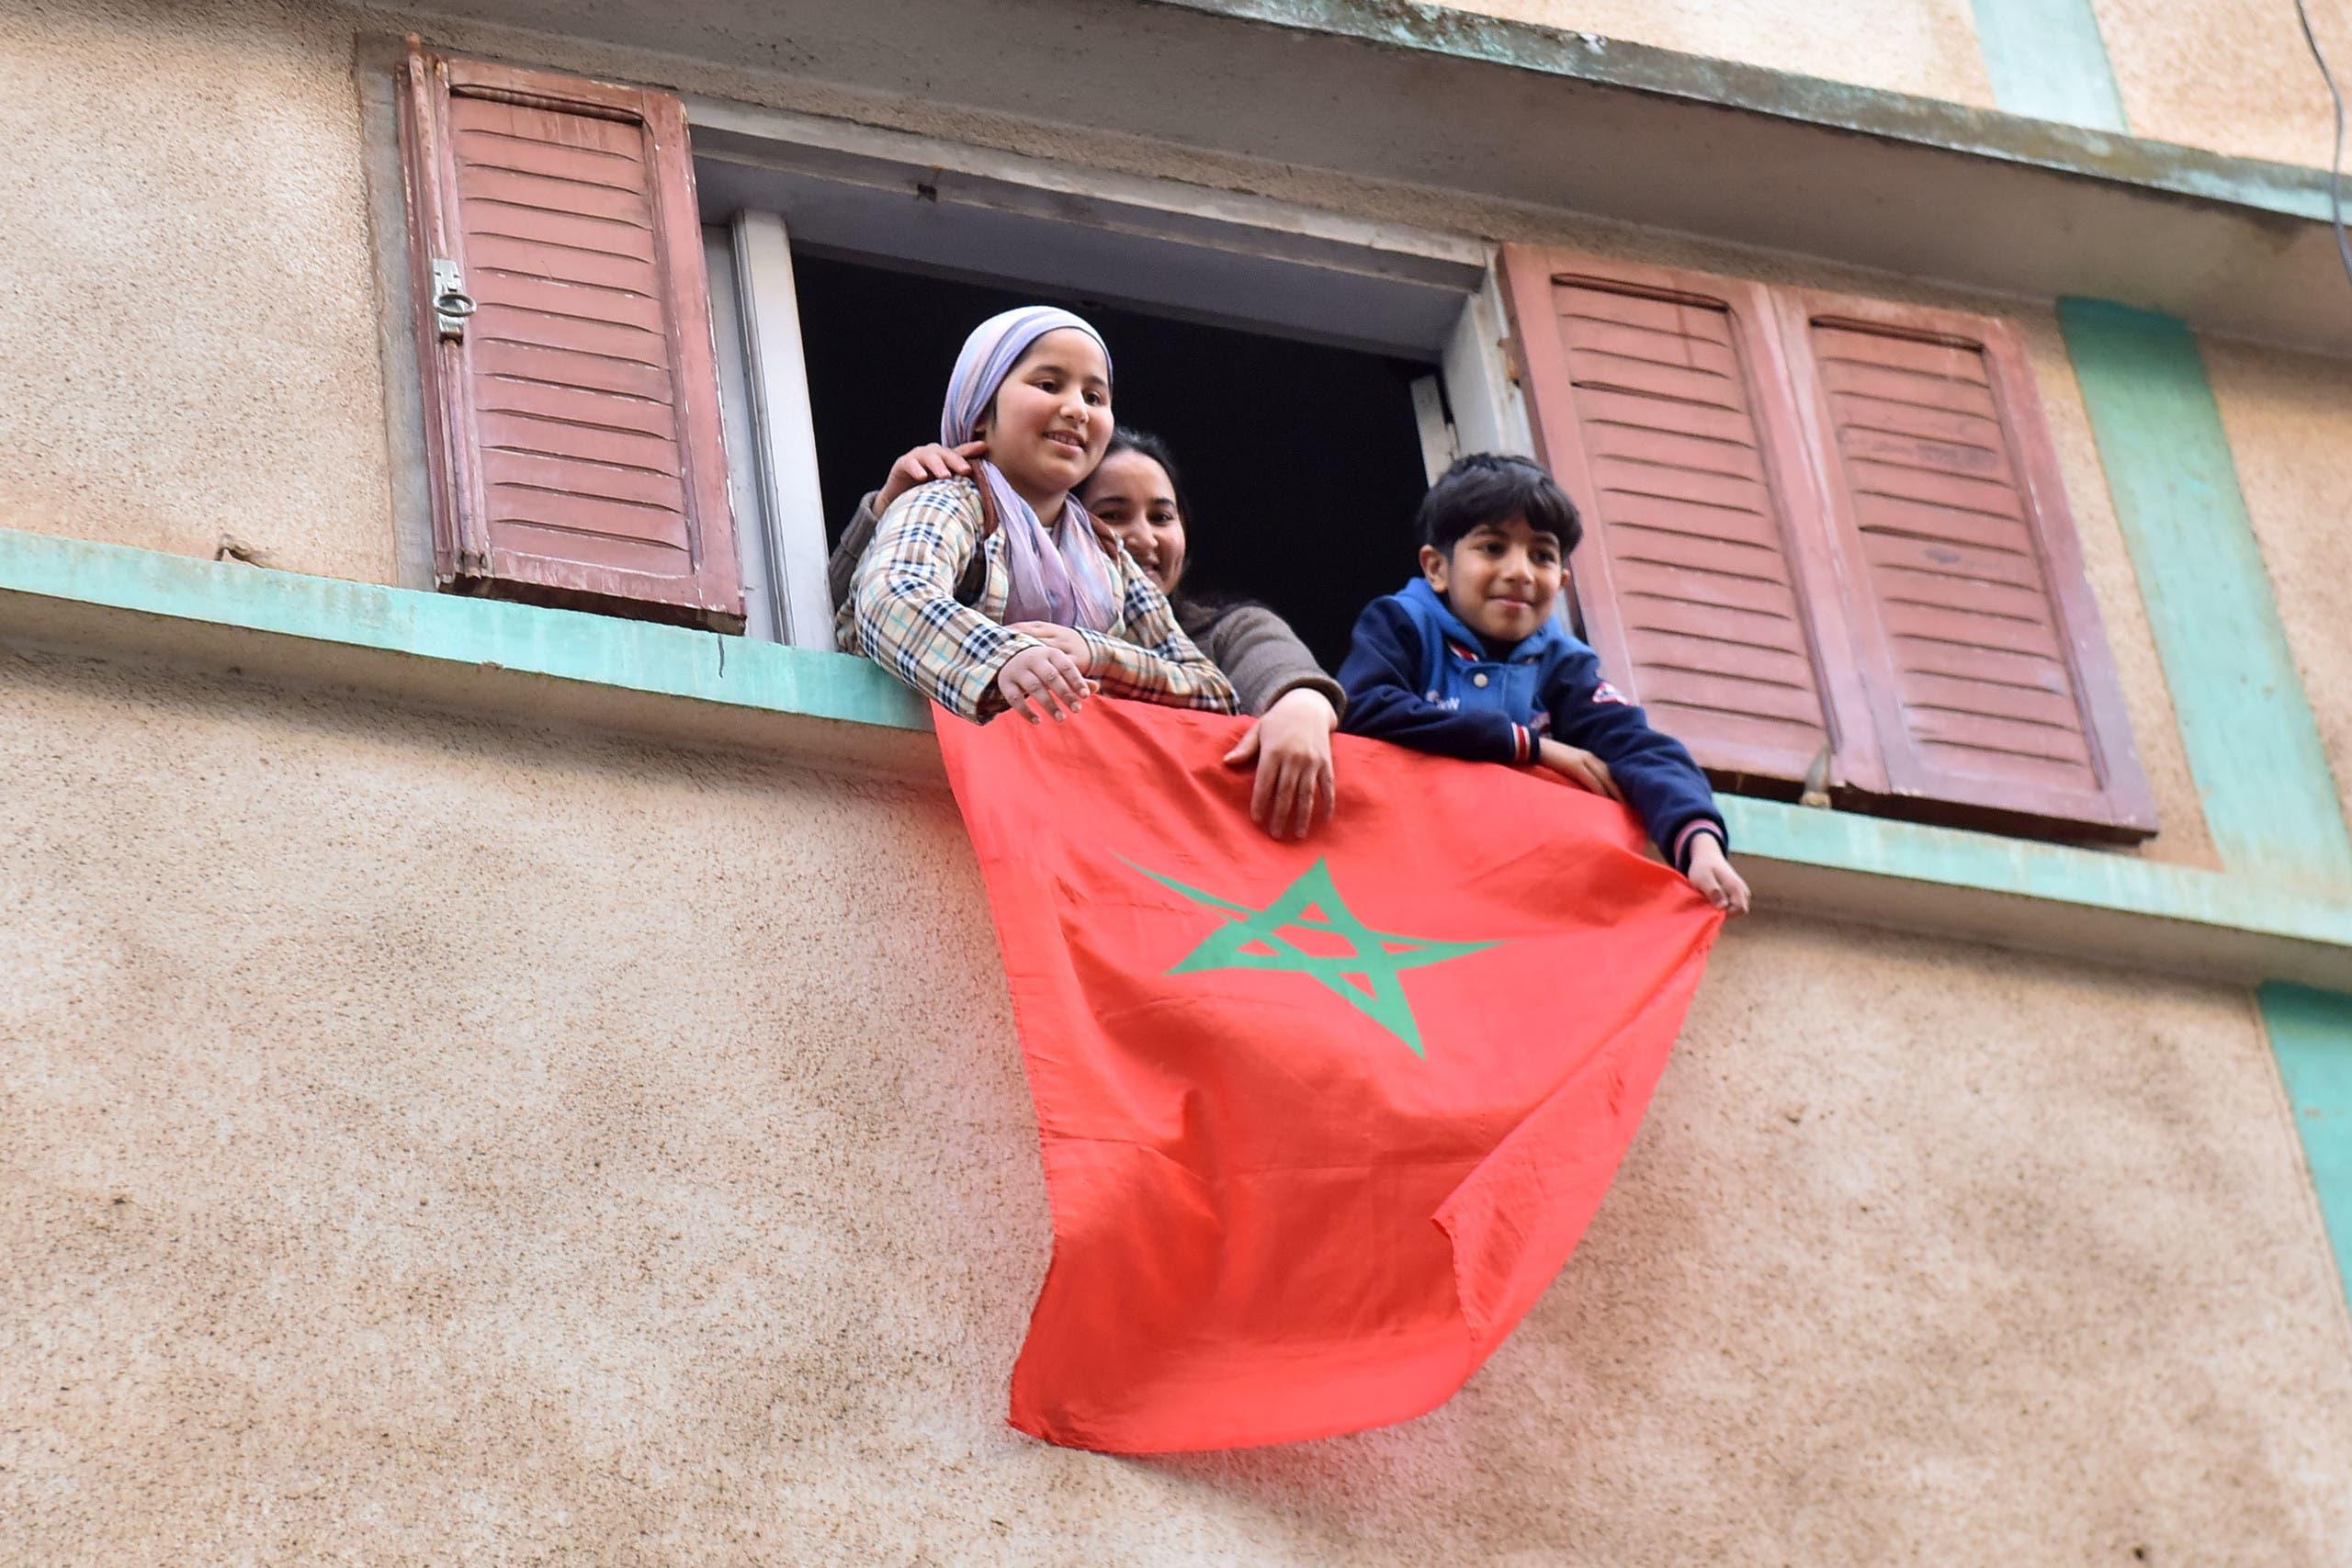 حي الانبعاث أكبر حي شعبي في مدينة سلا بقرب العاصمة المغربية الرباط